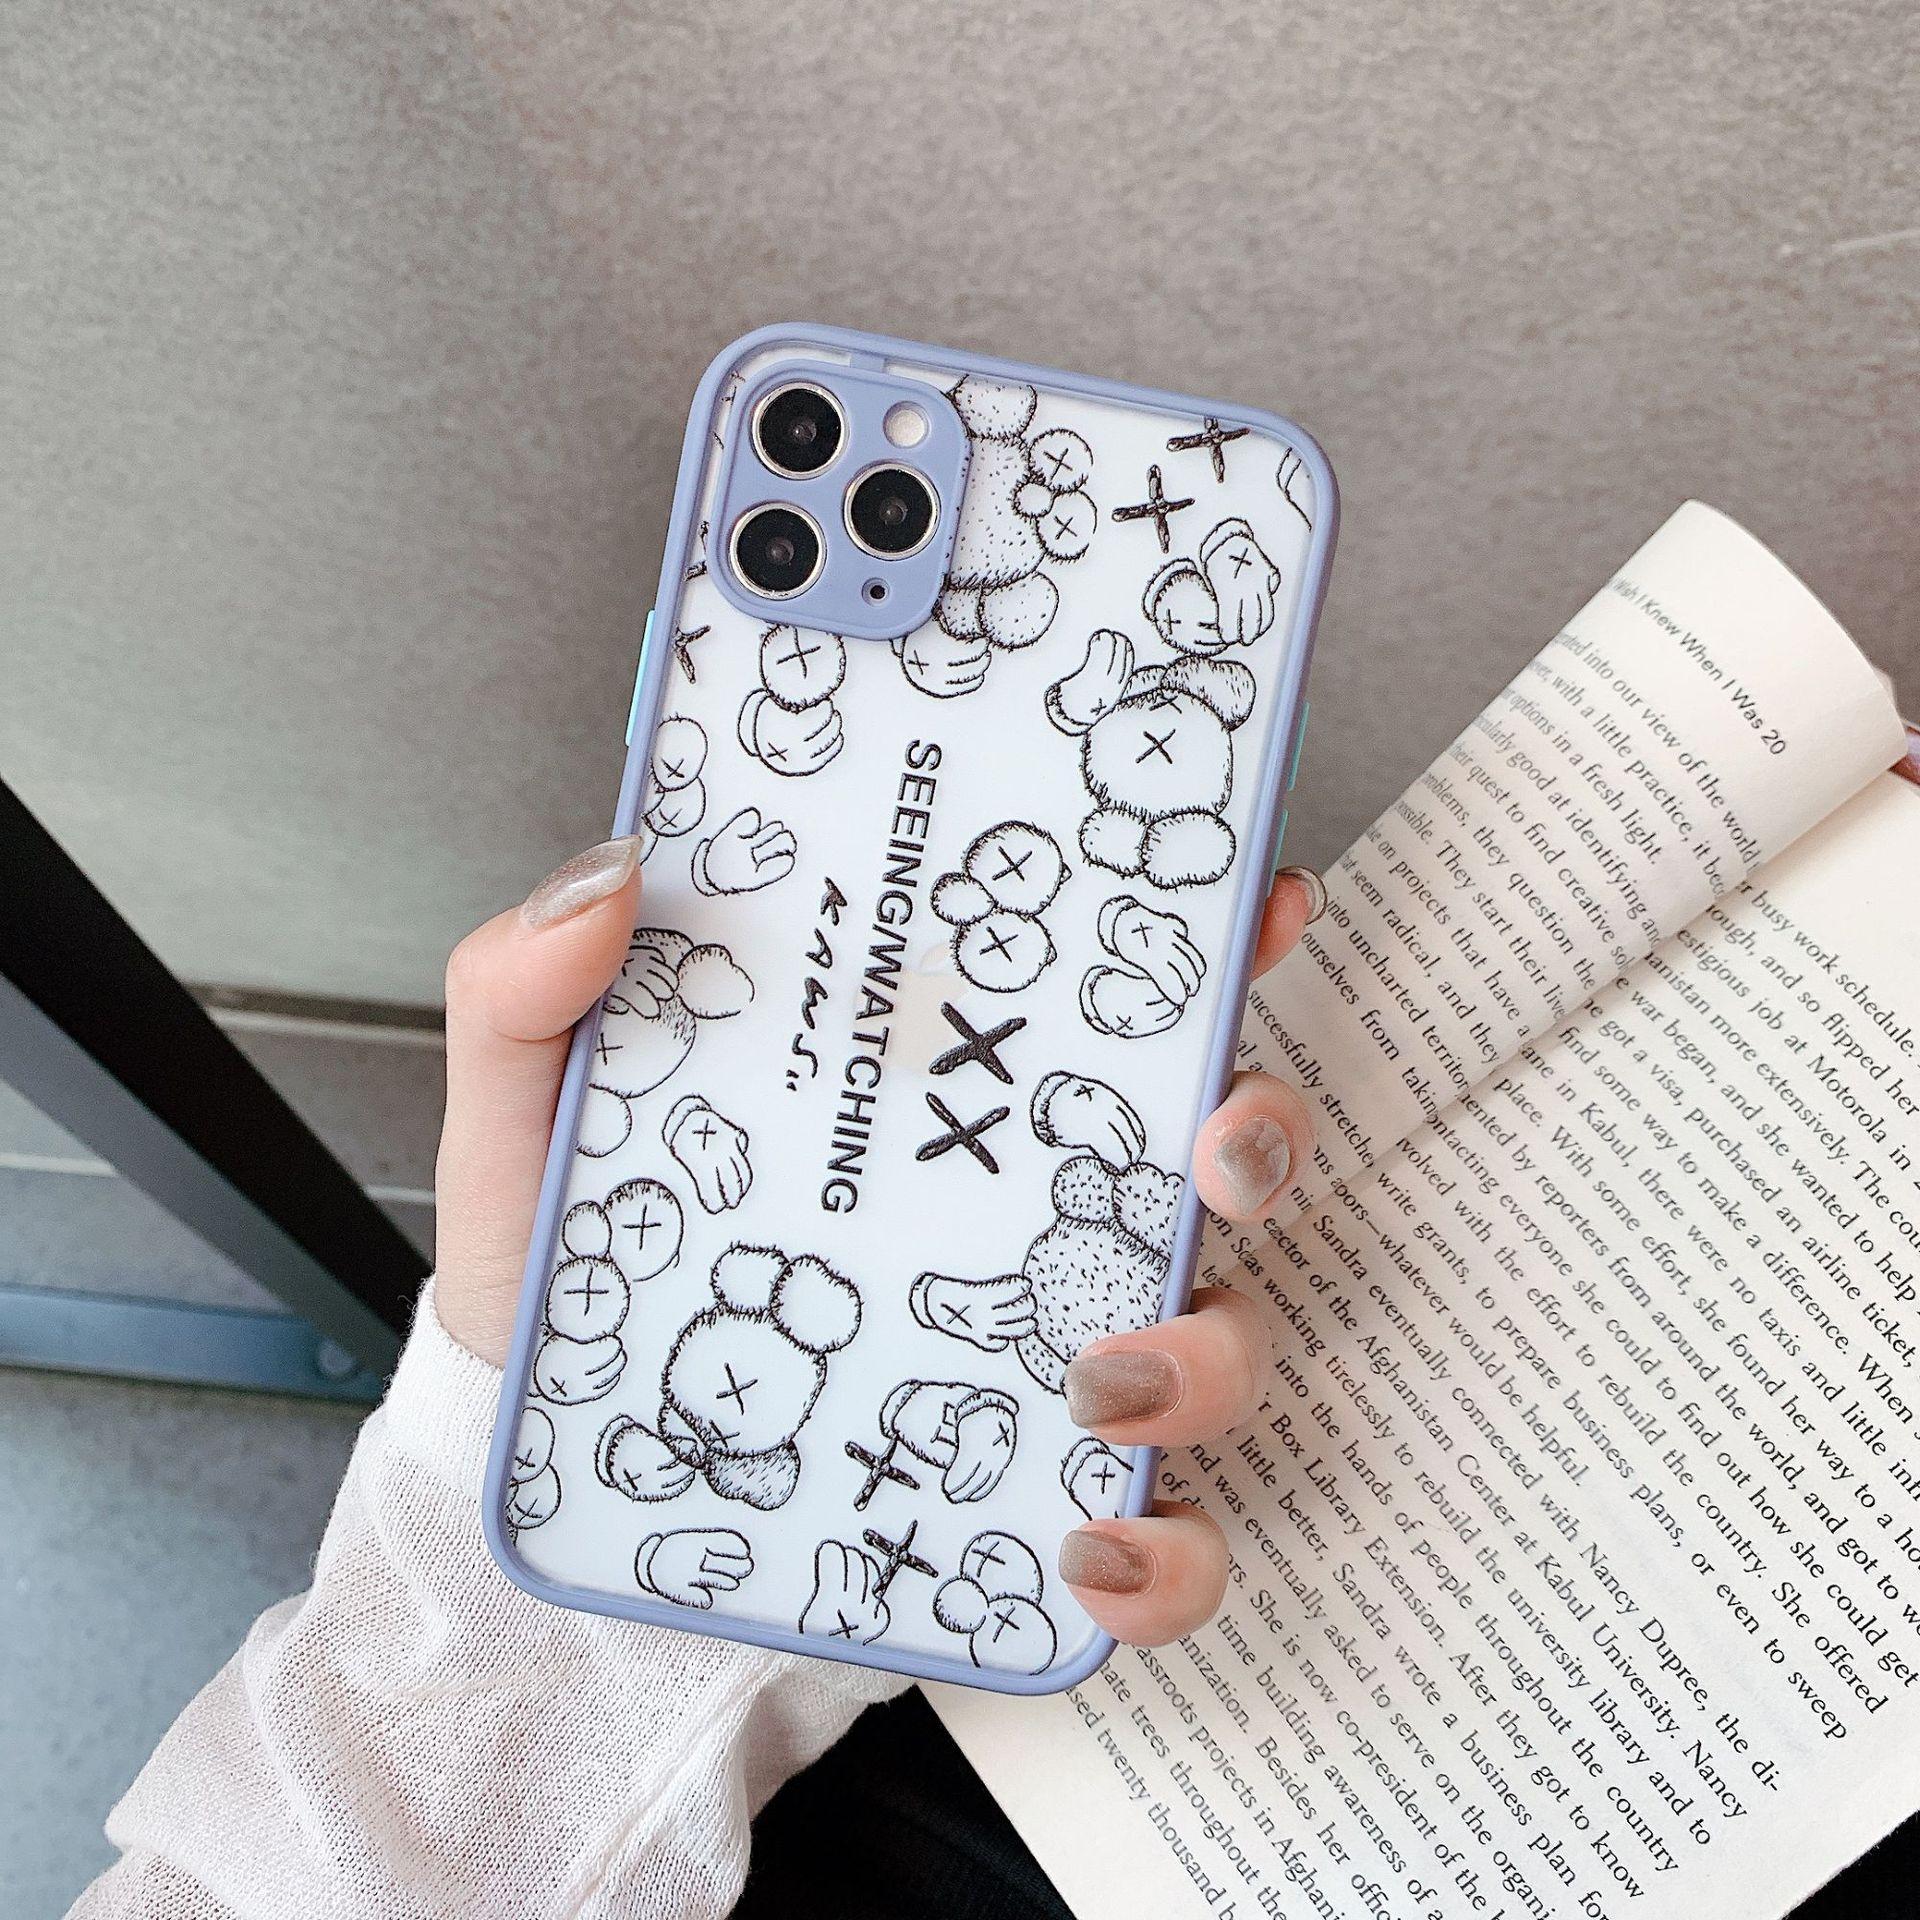 Luxus-Designer Brief iPhone Case für iPhone 11 Pro Max XS Max XR 7 8 Plus Umhängetasche Arttelefonkasten